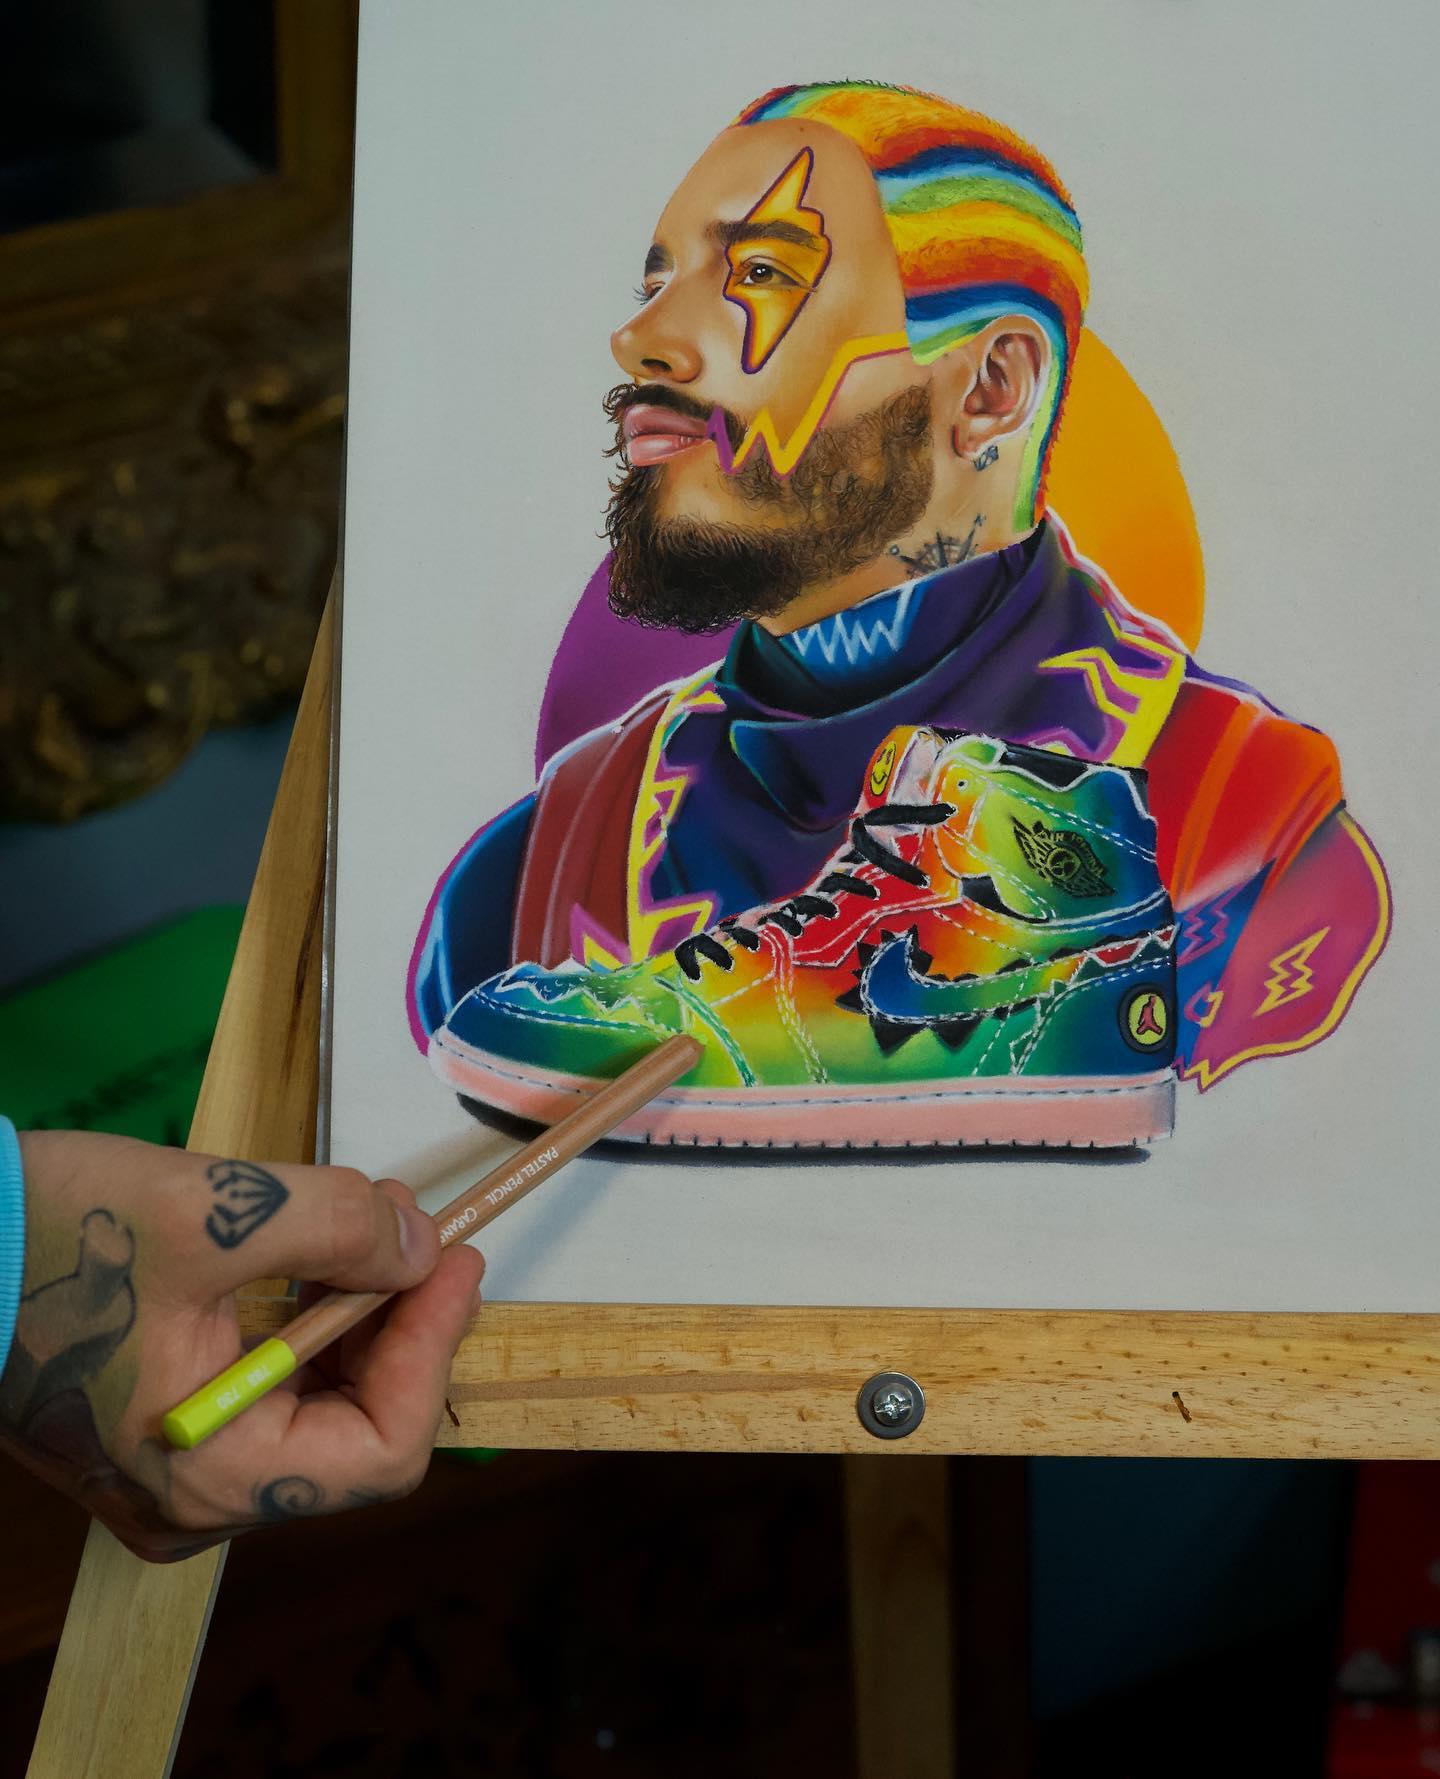 Entrevista a Alex Bruz, uno de los mejores tatuadores a nivel mundial